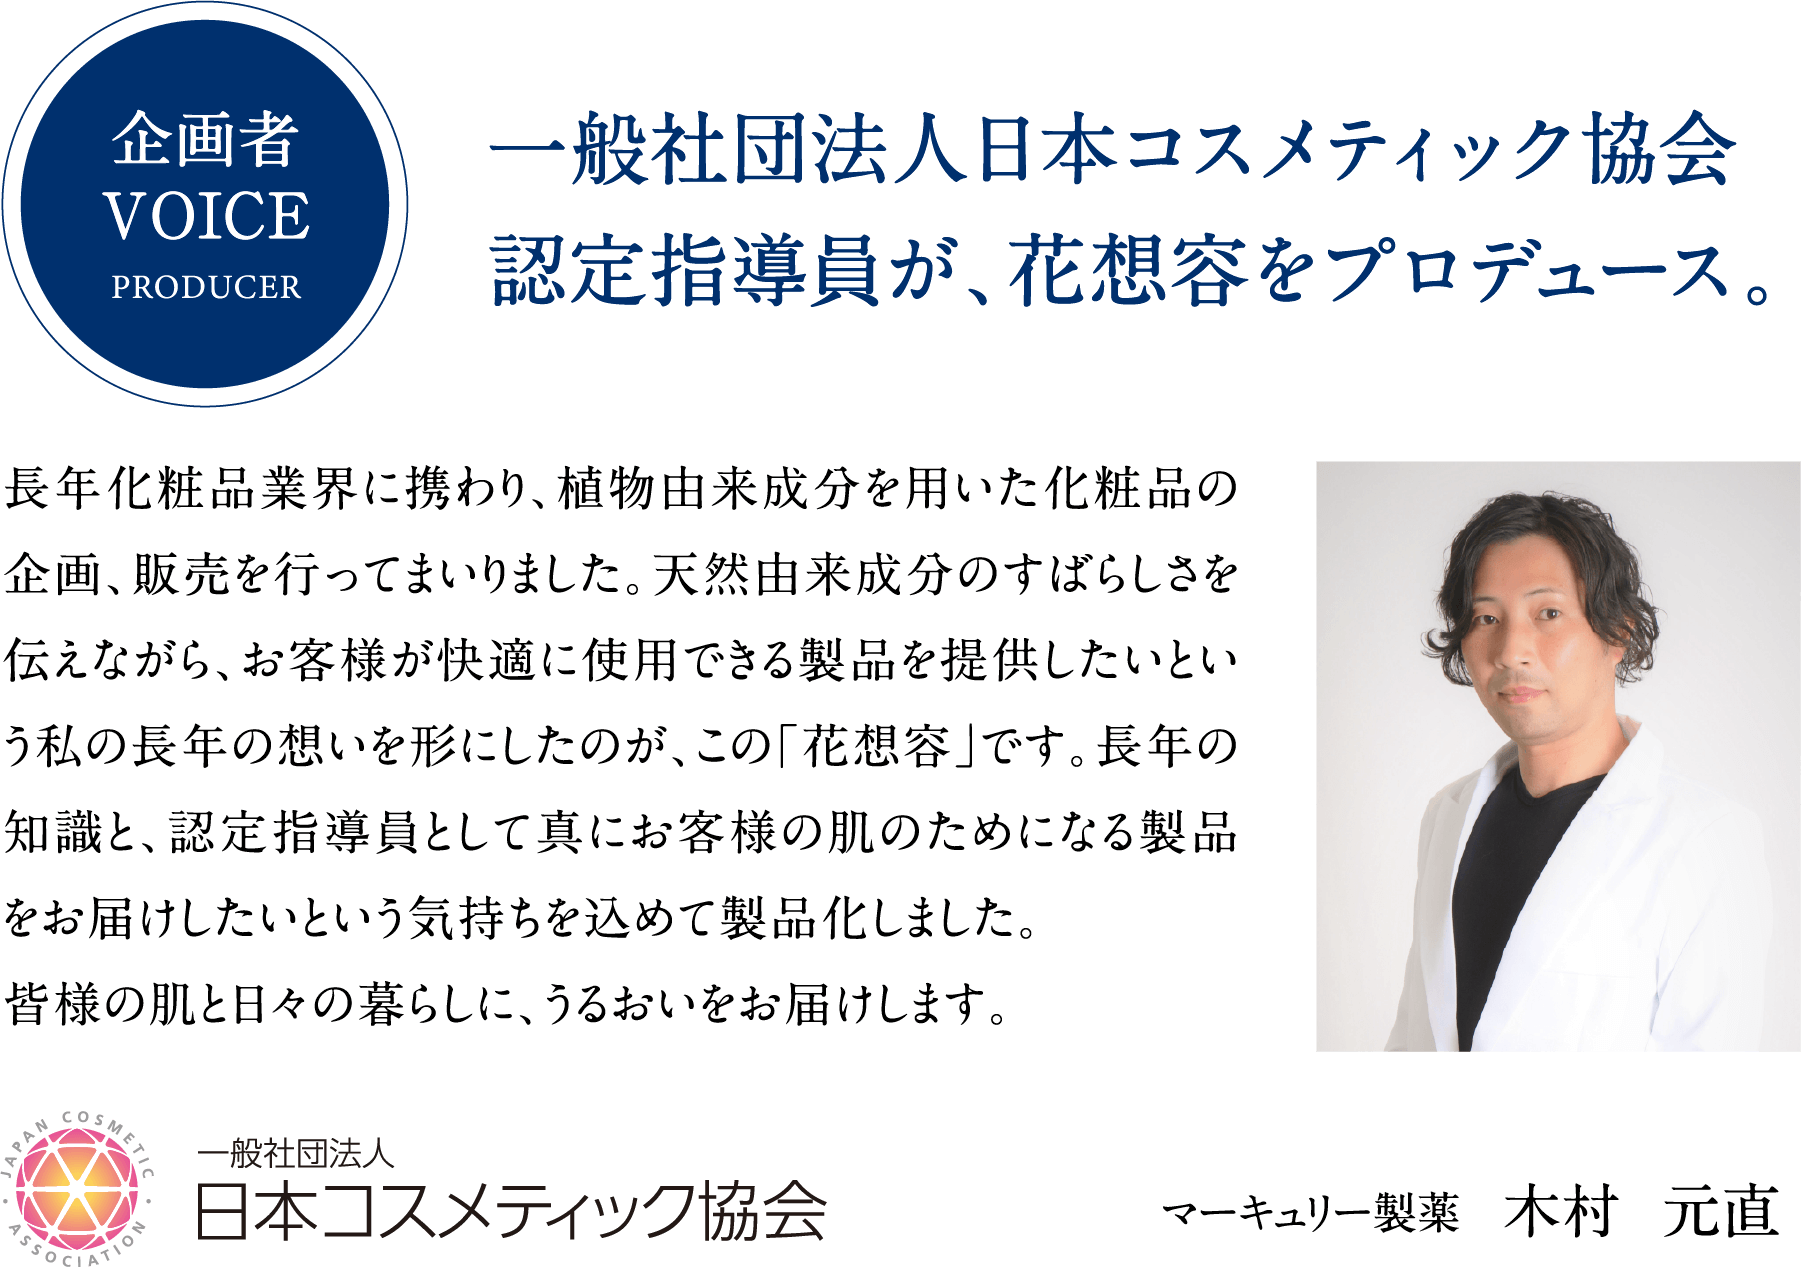 企画者VOICEPRODUCER。一般社団法人日本コスメティック協会認定指導員が、花想容をプロデュース。長年化粧品業界に携わり、植物由来成分を用いた化粧品の企画、販売を行ってまいりました。天然由来成分のすばらしさを伝えながら、お客様が快適に使用できる製品を提供したいという私の長年の想いを形にしたのが、この「花想容」です。長年の知識と、認定指導員として真にお客様の肌のためになる製品をお届けしたいという気持ちを込めて製品化しました。皆様の肌と日々の暮らしに、うるおいをお届けします。一般社団法人日本コスメティック協会。マーキュリー製薬木村元直。